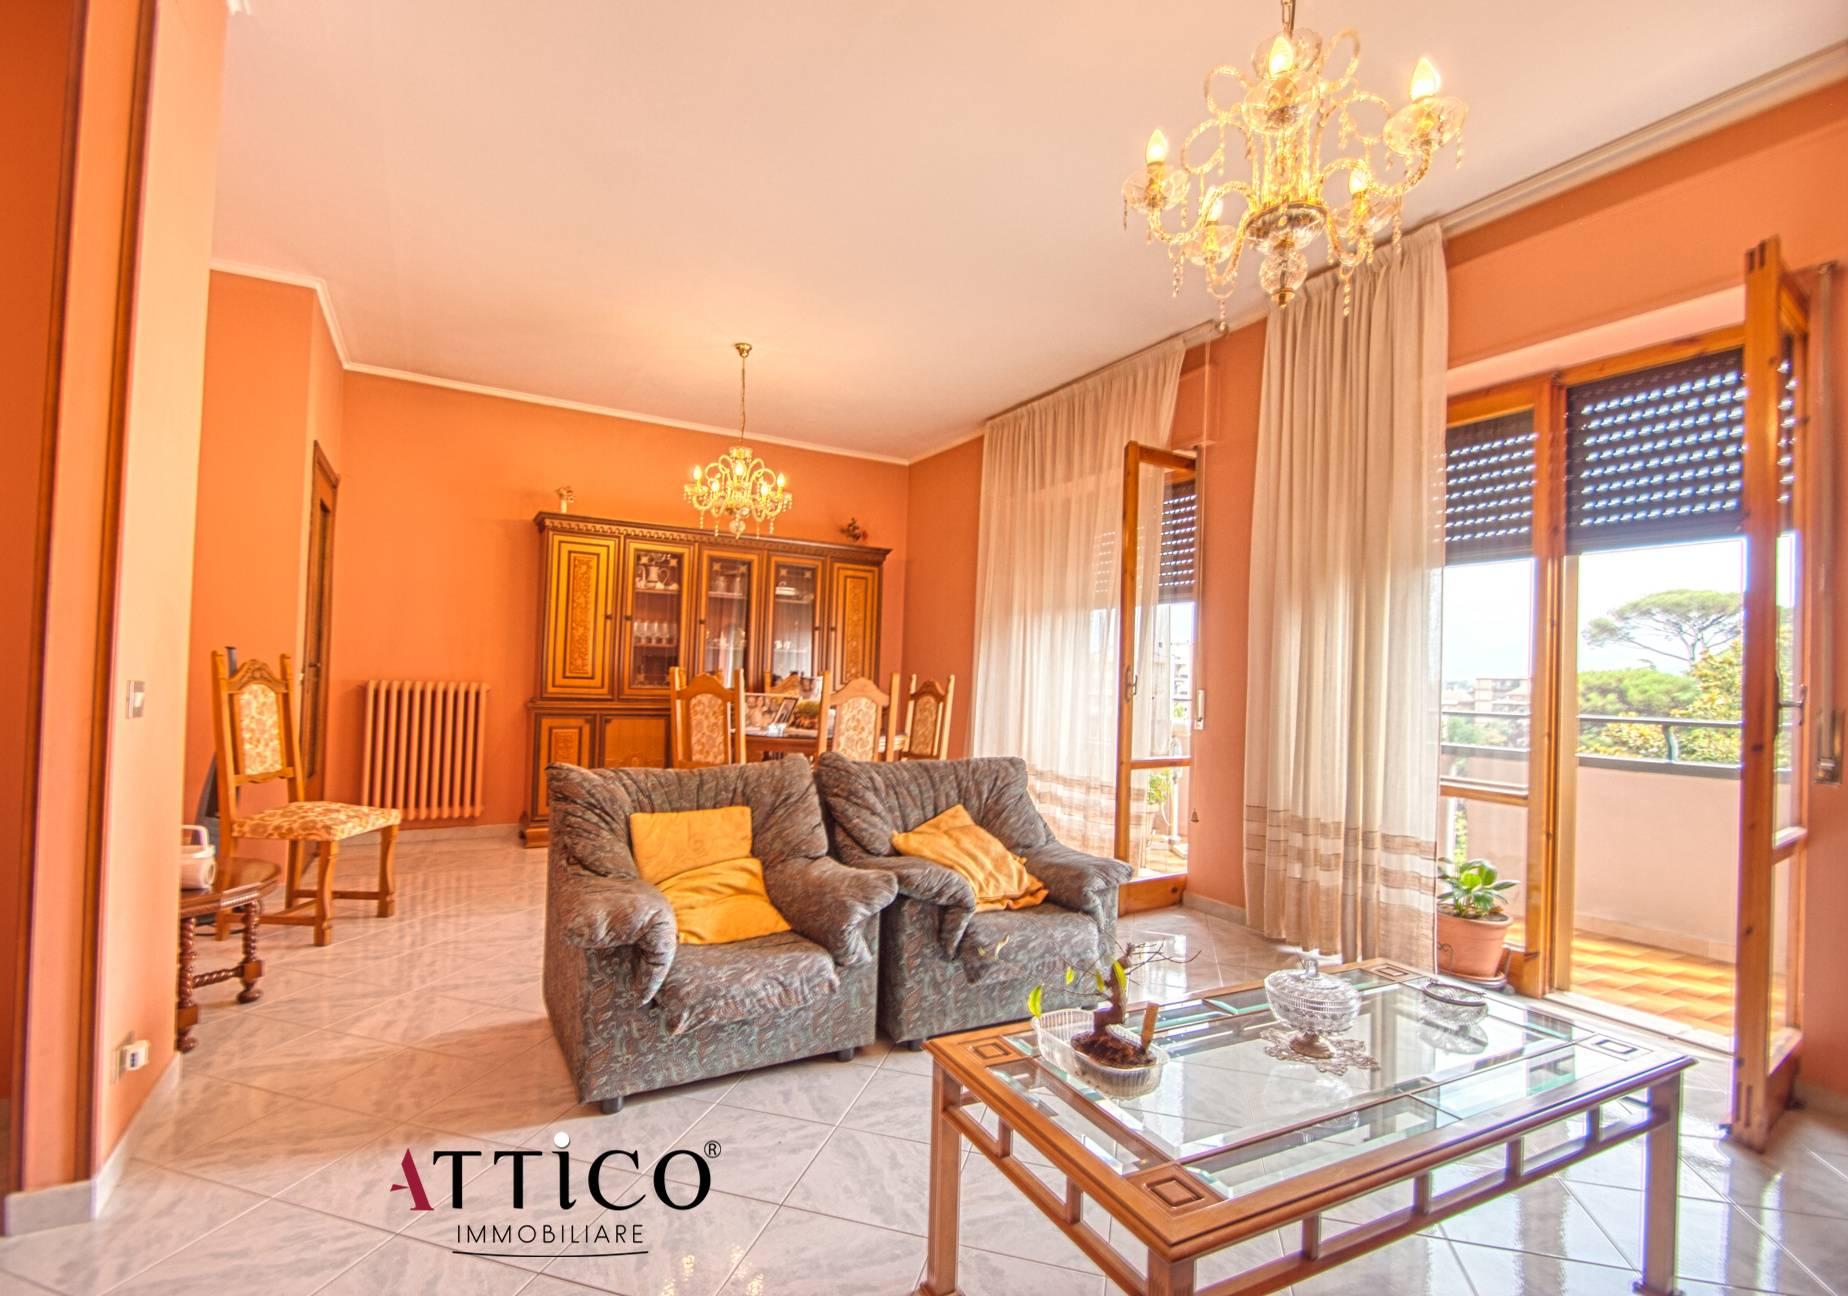 Appartamento in vendita a Avellino, 5 locali, prezzo € 195.000 | CambioCasa.it